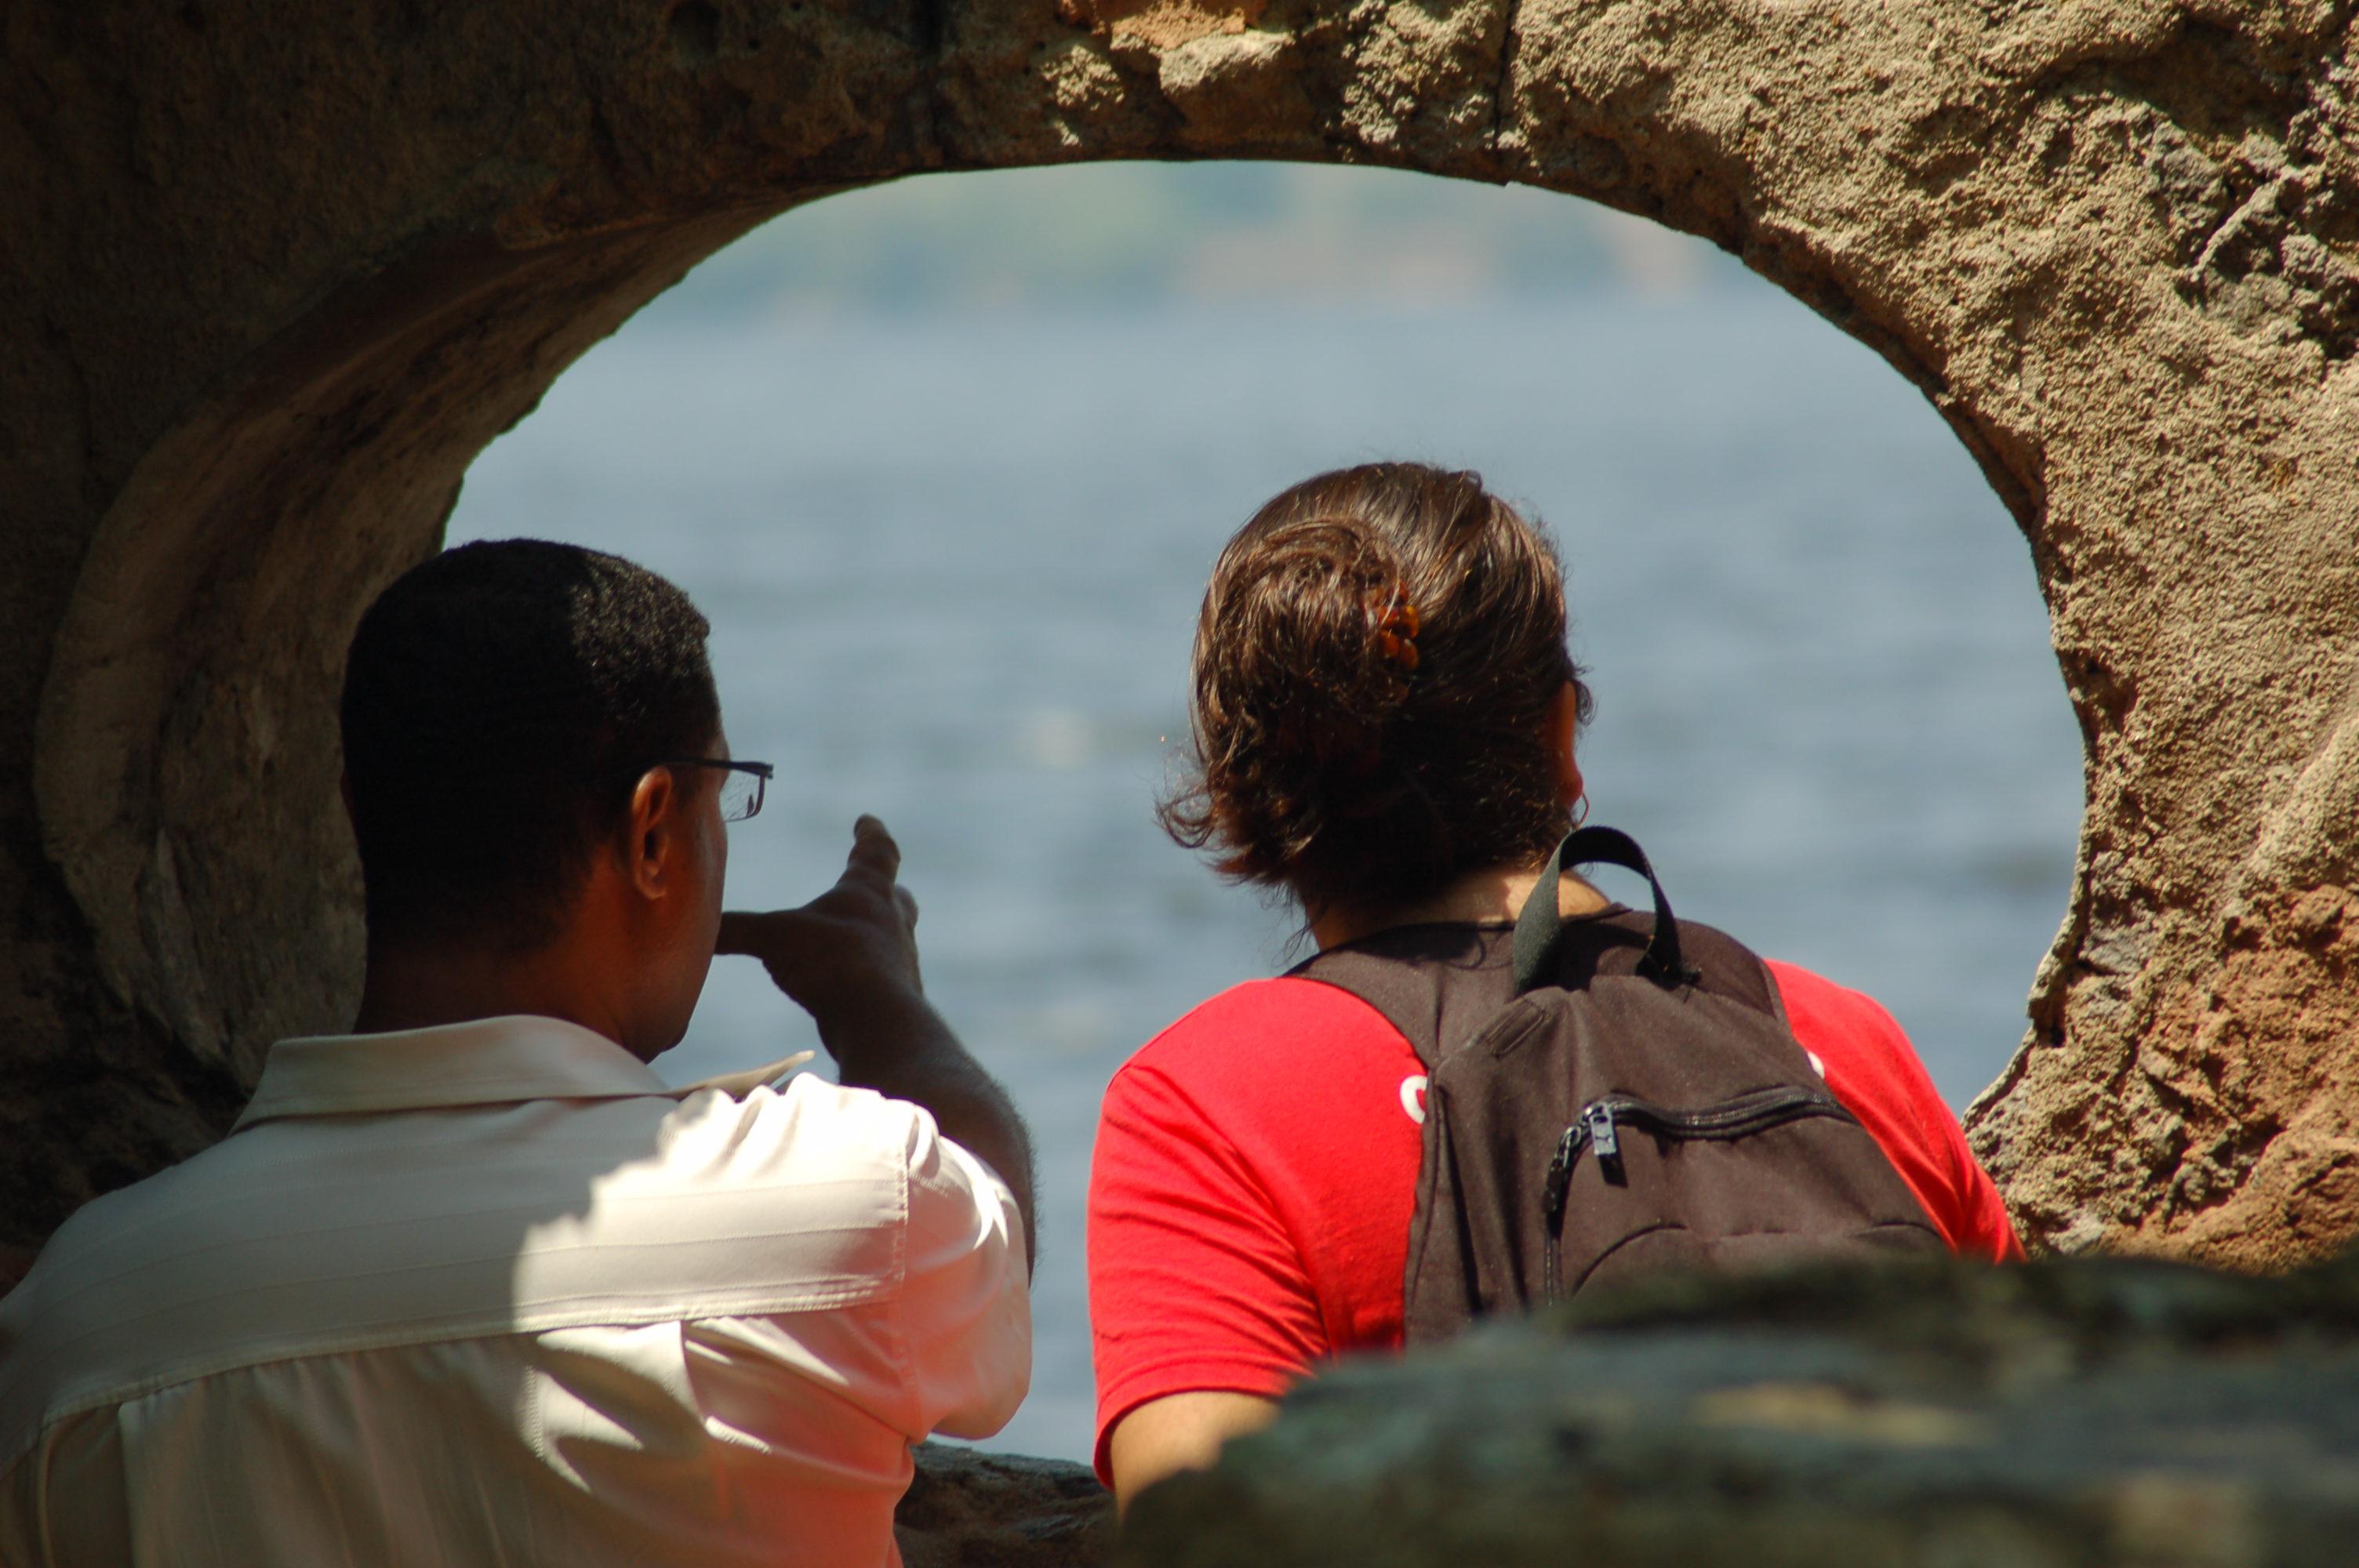 Imagem ilustrativa de duas pessoas em ambiente externo conversando. Estão na ilha do Catalão na Baia da Guanabara em frente a uma abertura circular numa parede de ruína que dá vista à baia de guanabara. Uma das pessoas aponta para a baía com a intenção de explicar algo e a outra pessoa demonstra interesse na explicação. A imagem faz uma metáfora com a explicação que daremos a seguir nesta página sobre a audiodescrição e sobre como uma pessoa com deficiência visual pode